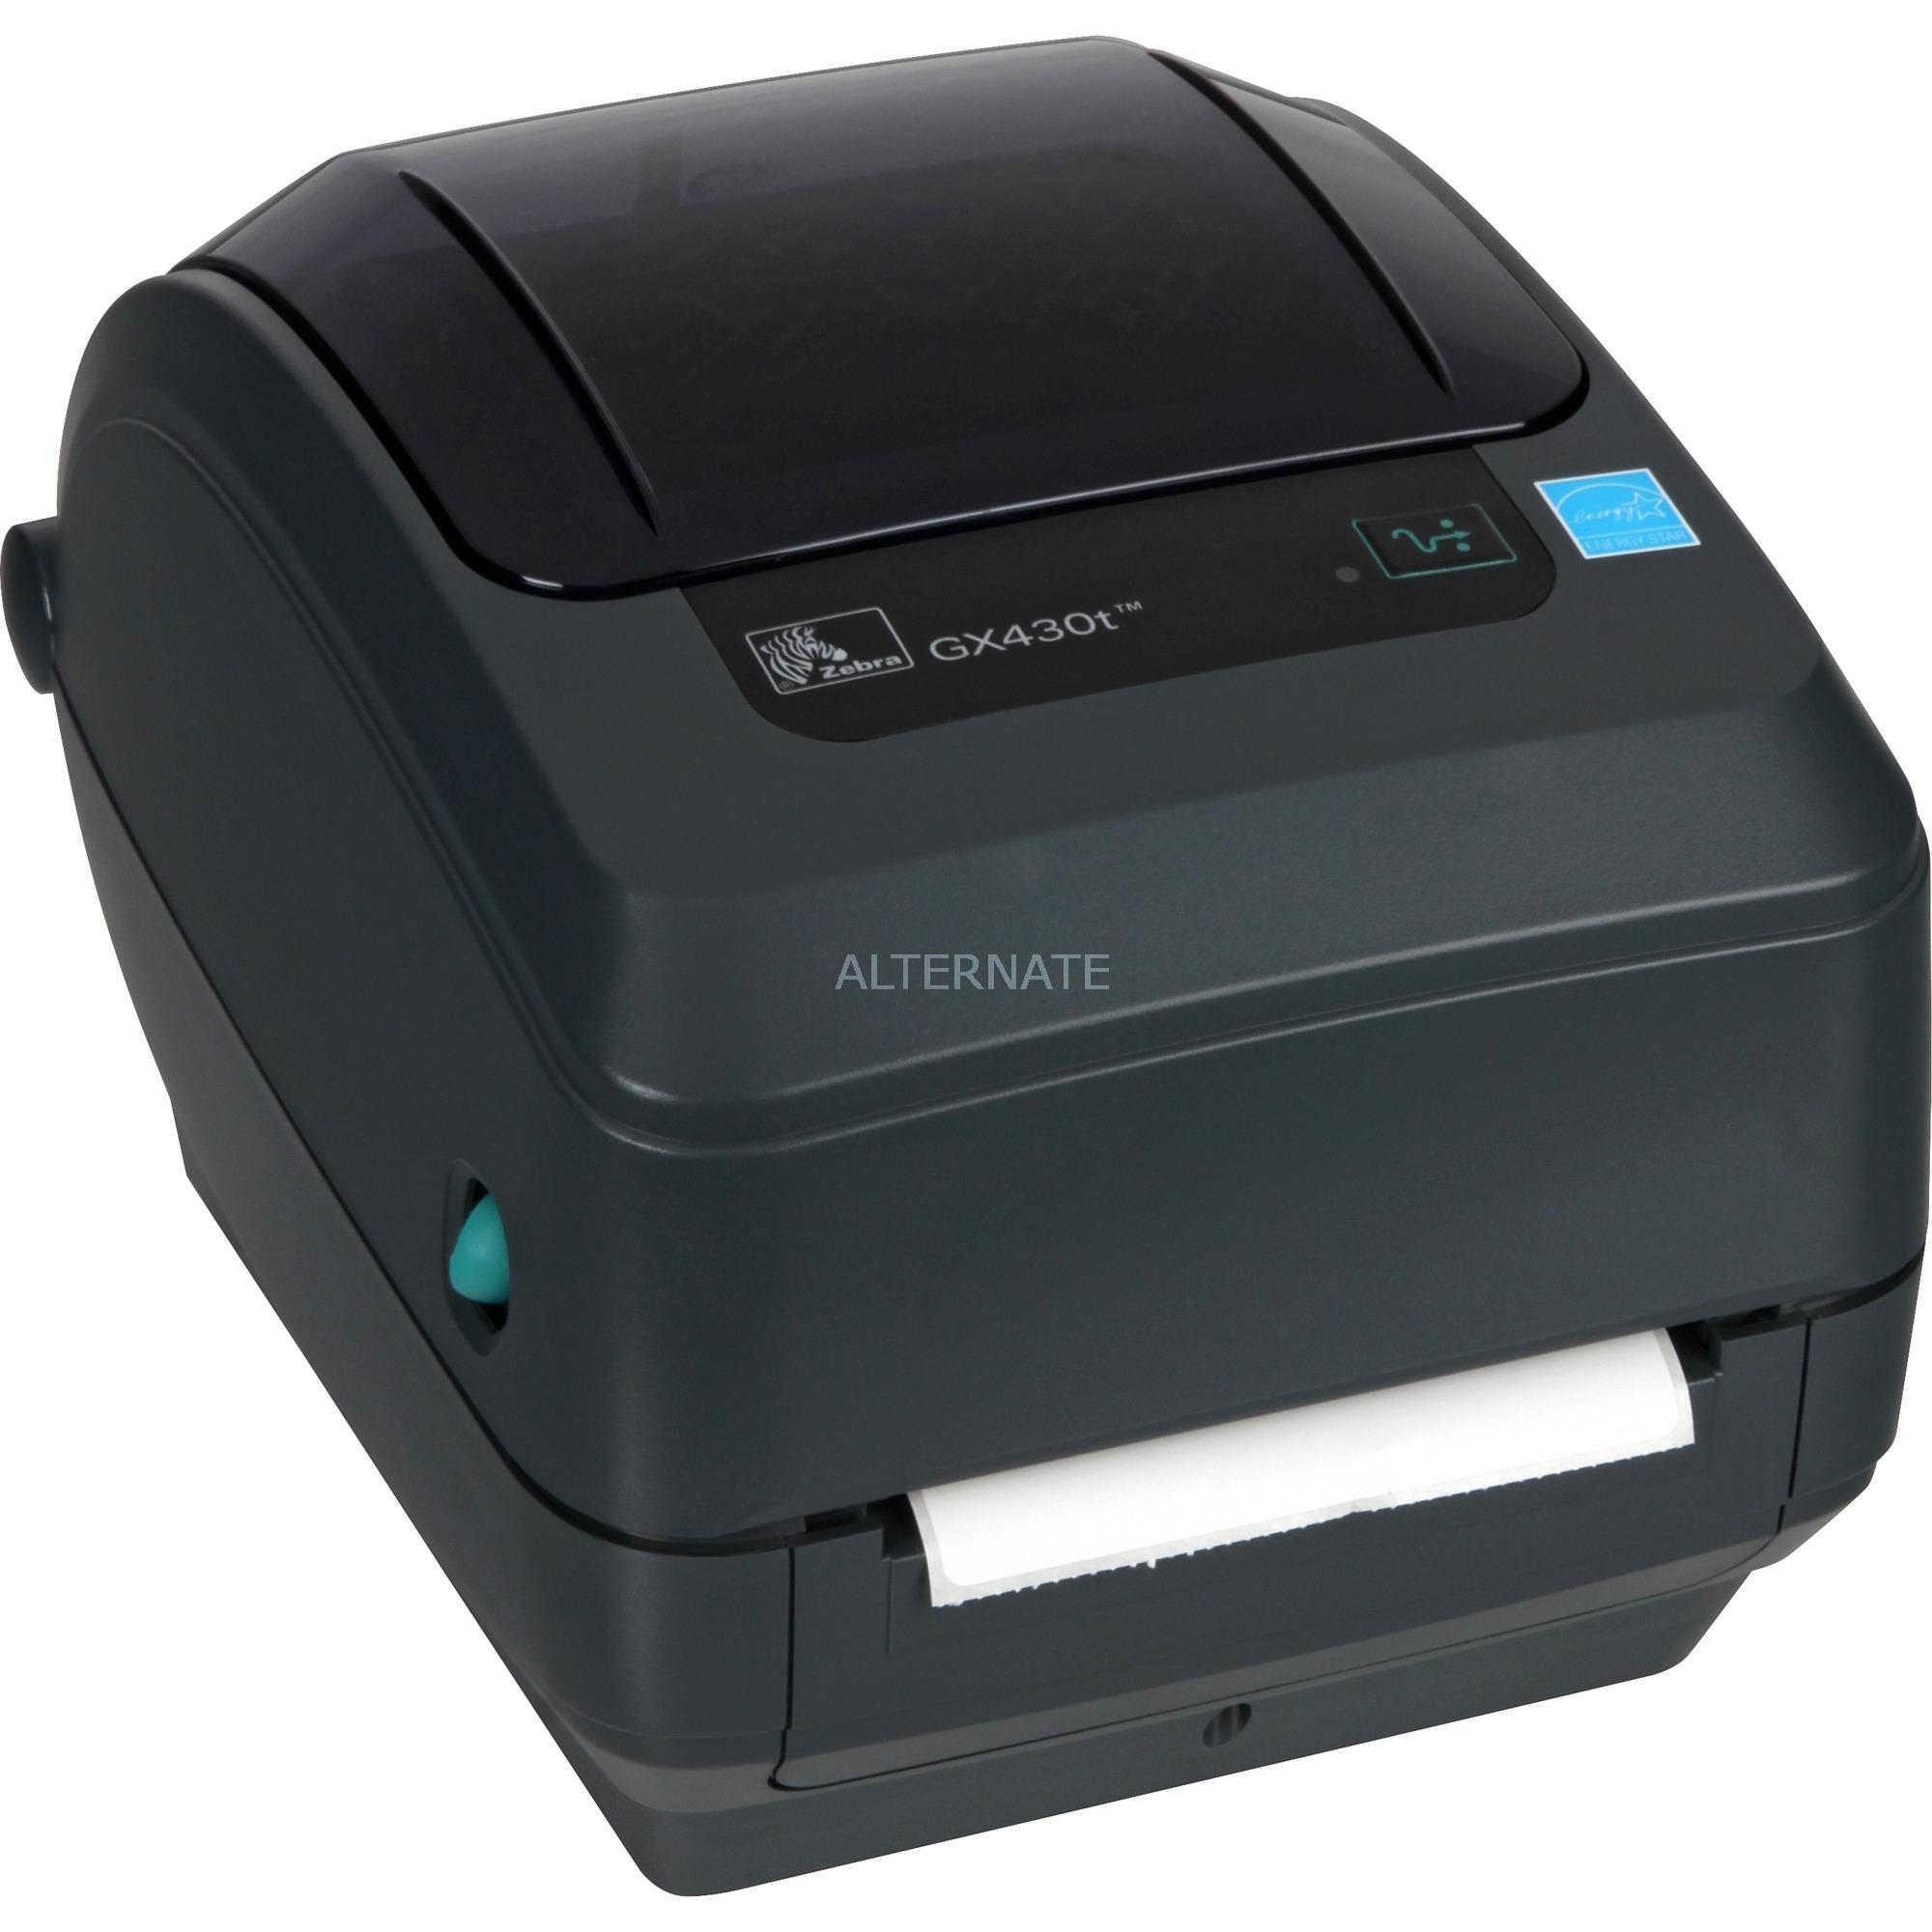 GX430t impresora de etiquetas Térmica directa / transferencia térmica 300 x 300 DPI, Rotulador